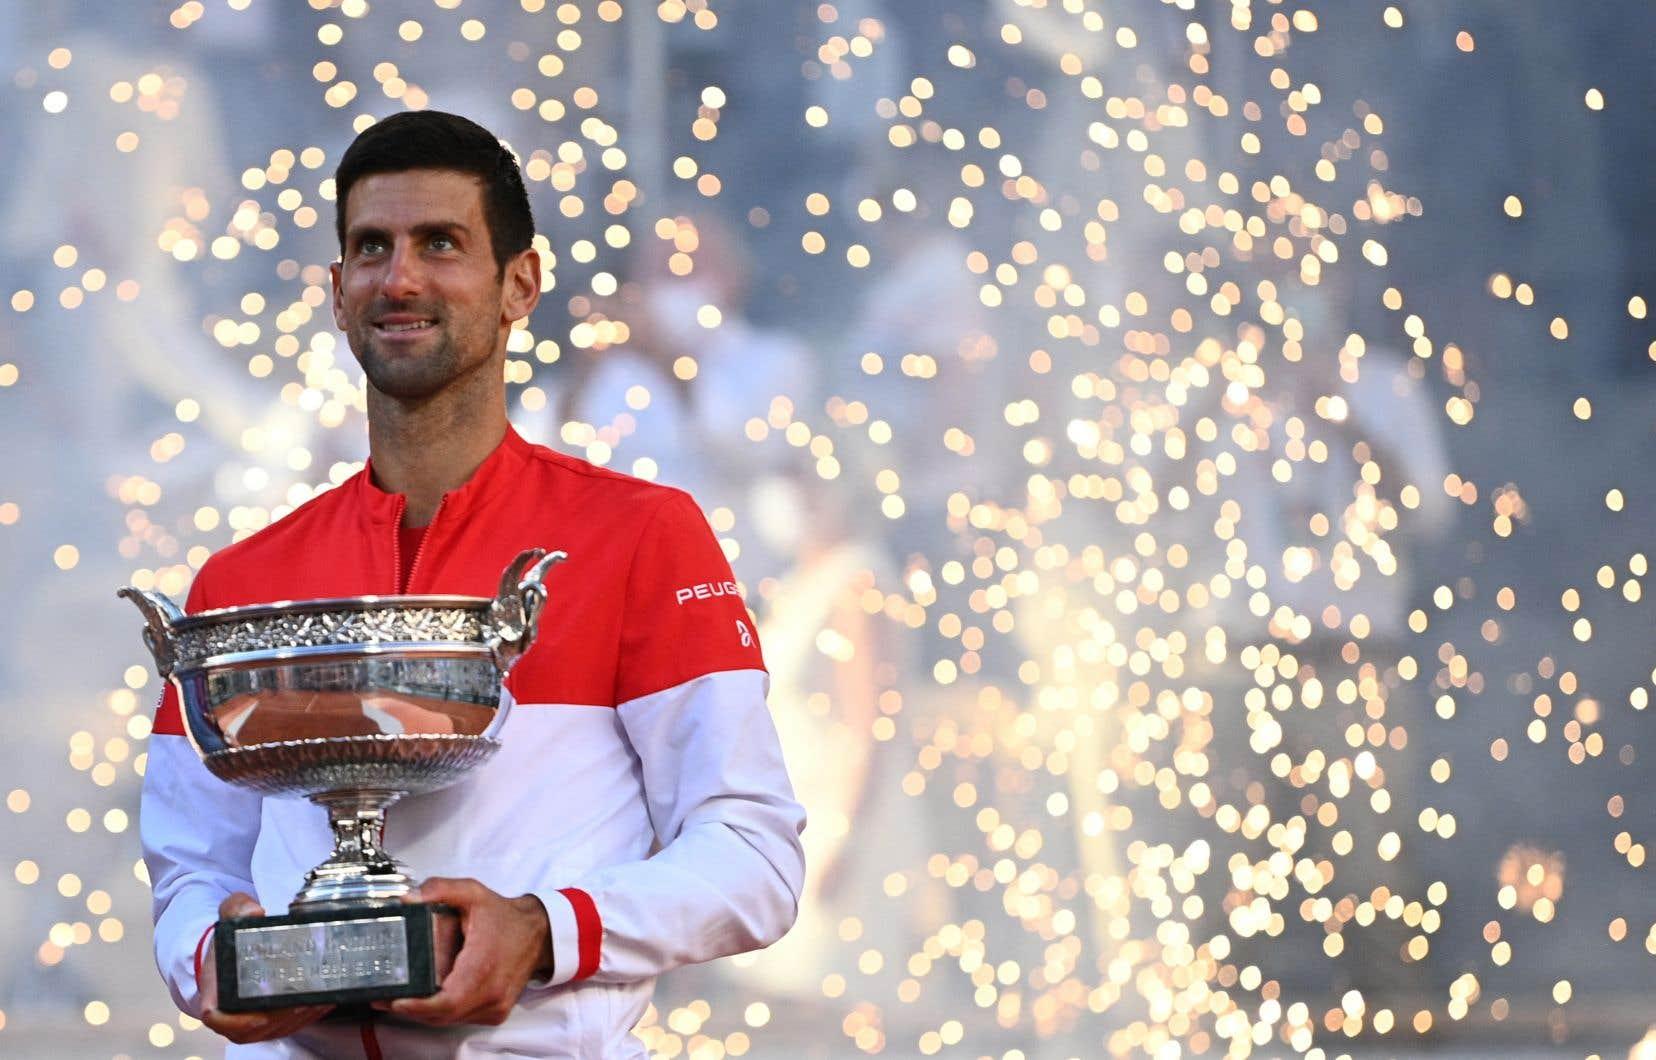 Lorsque Wimbledon se mettra en branle le 28juin, Djokovic sera le double champion en titre et pourrait s'approcher d'un Grand Chelem annuel